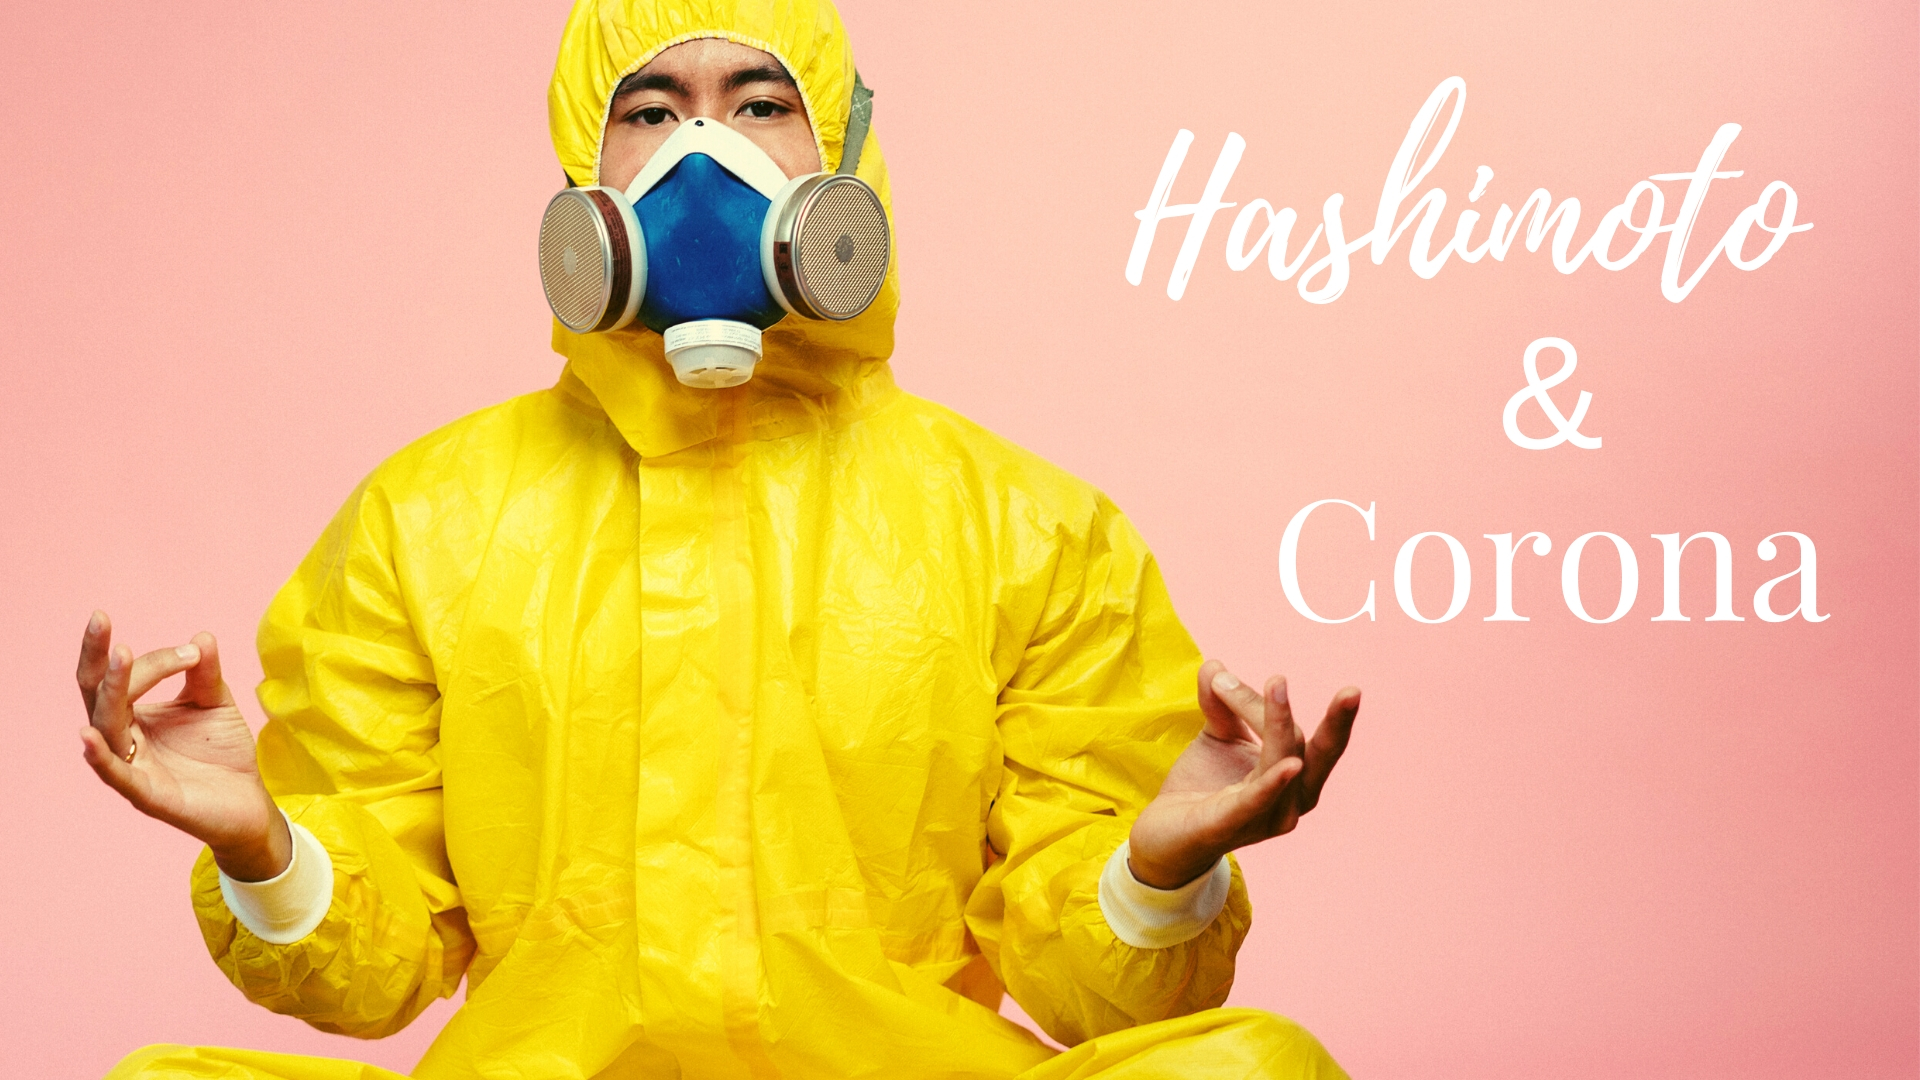 Hashimoto Corona Schilddrüse Schilddrüsenunterfunktion Hashimoto Thyreoiditis